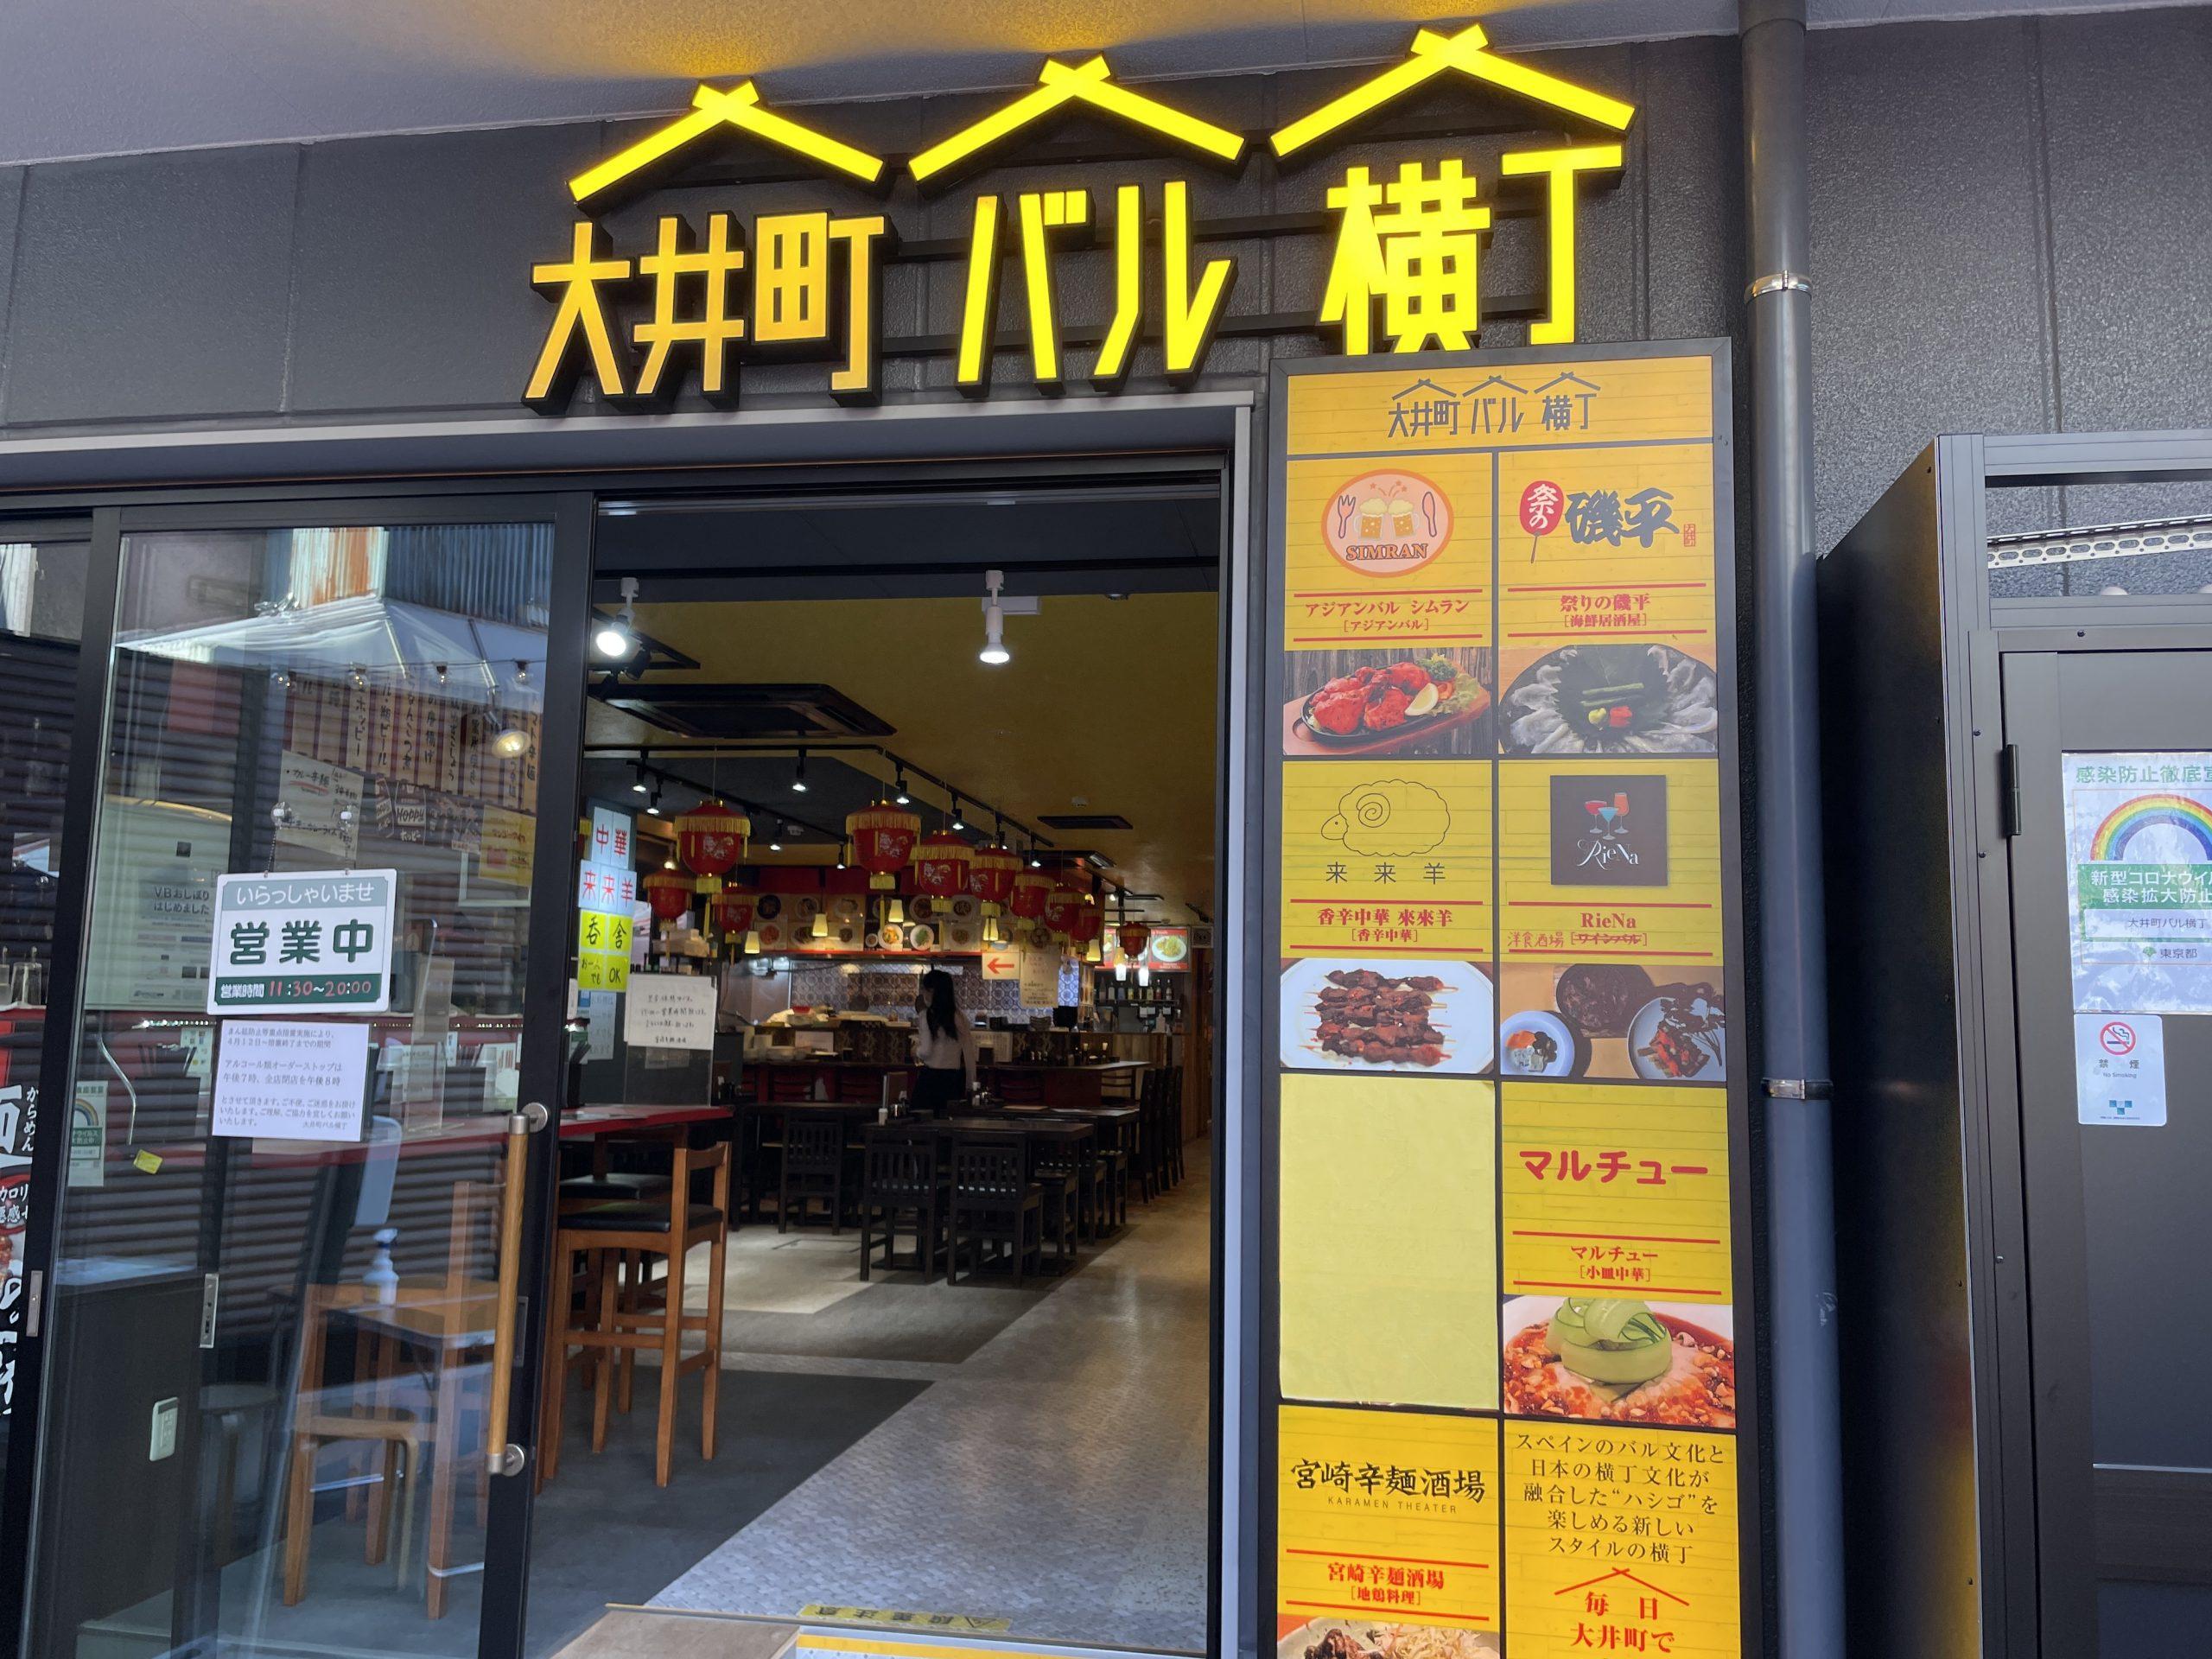 大井町バル横丁店舗数は8店舗。